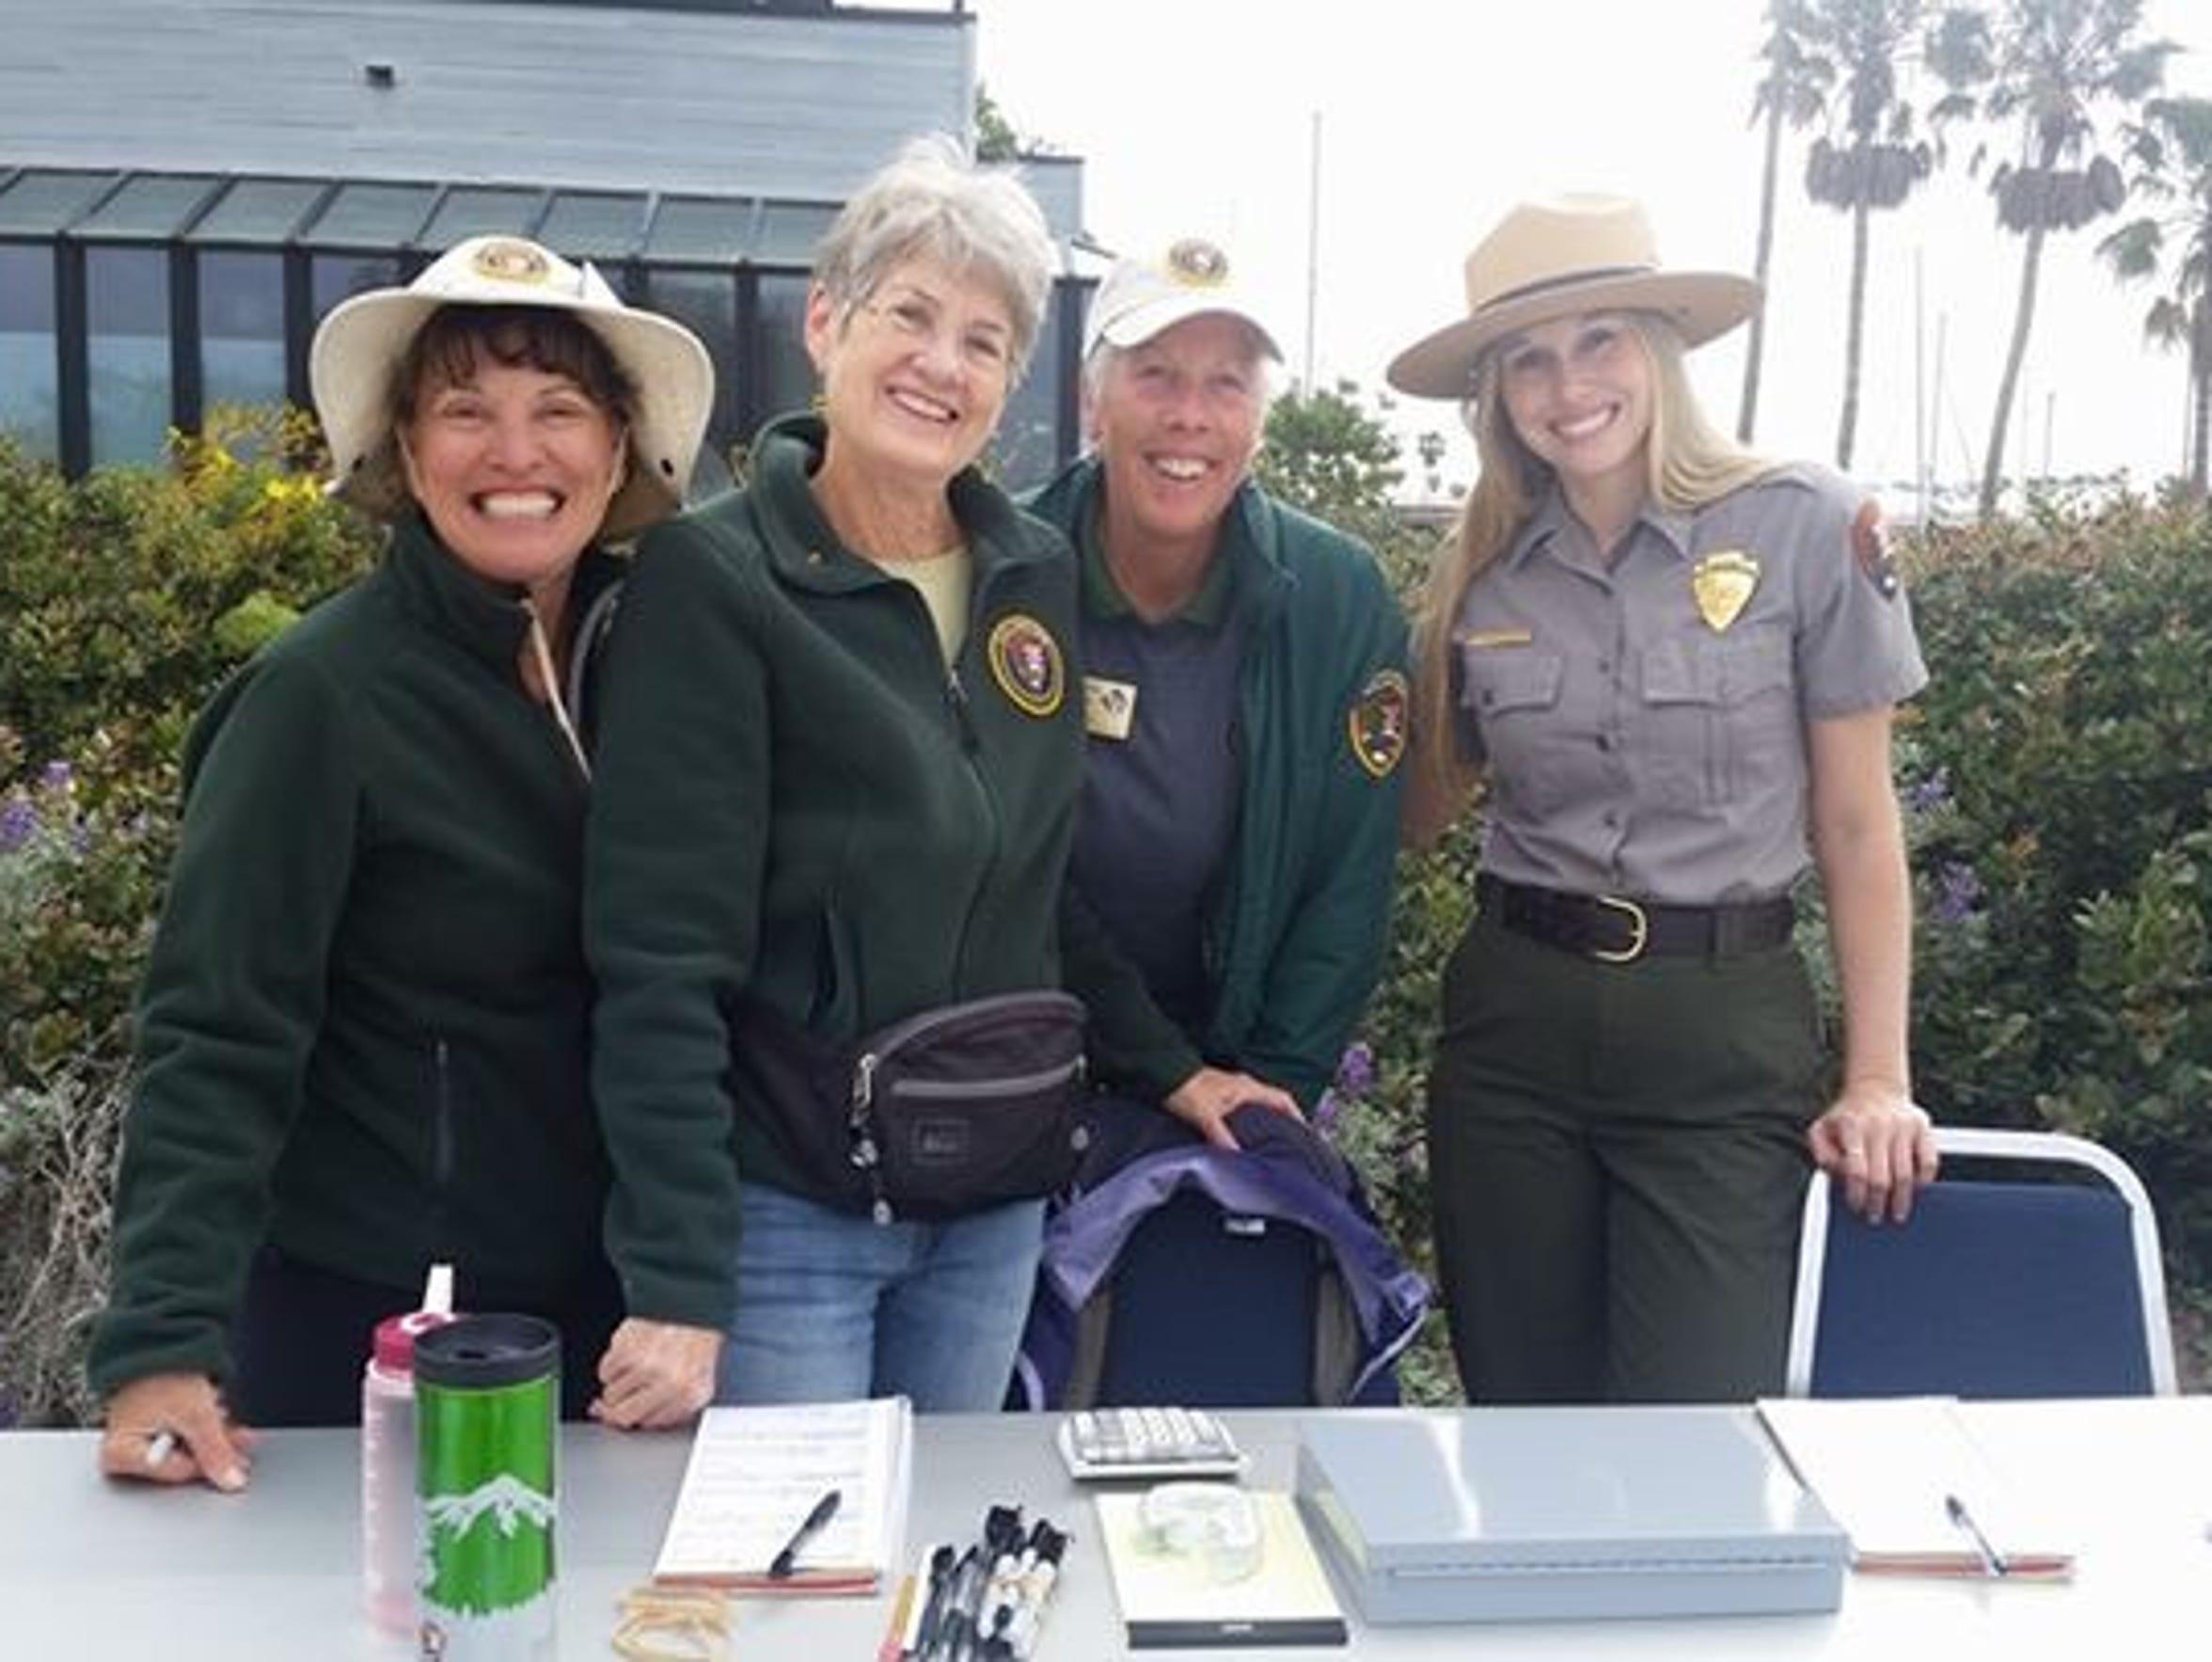 Ranger Lauren Boross, far right, is shown with park